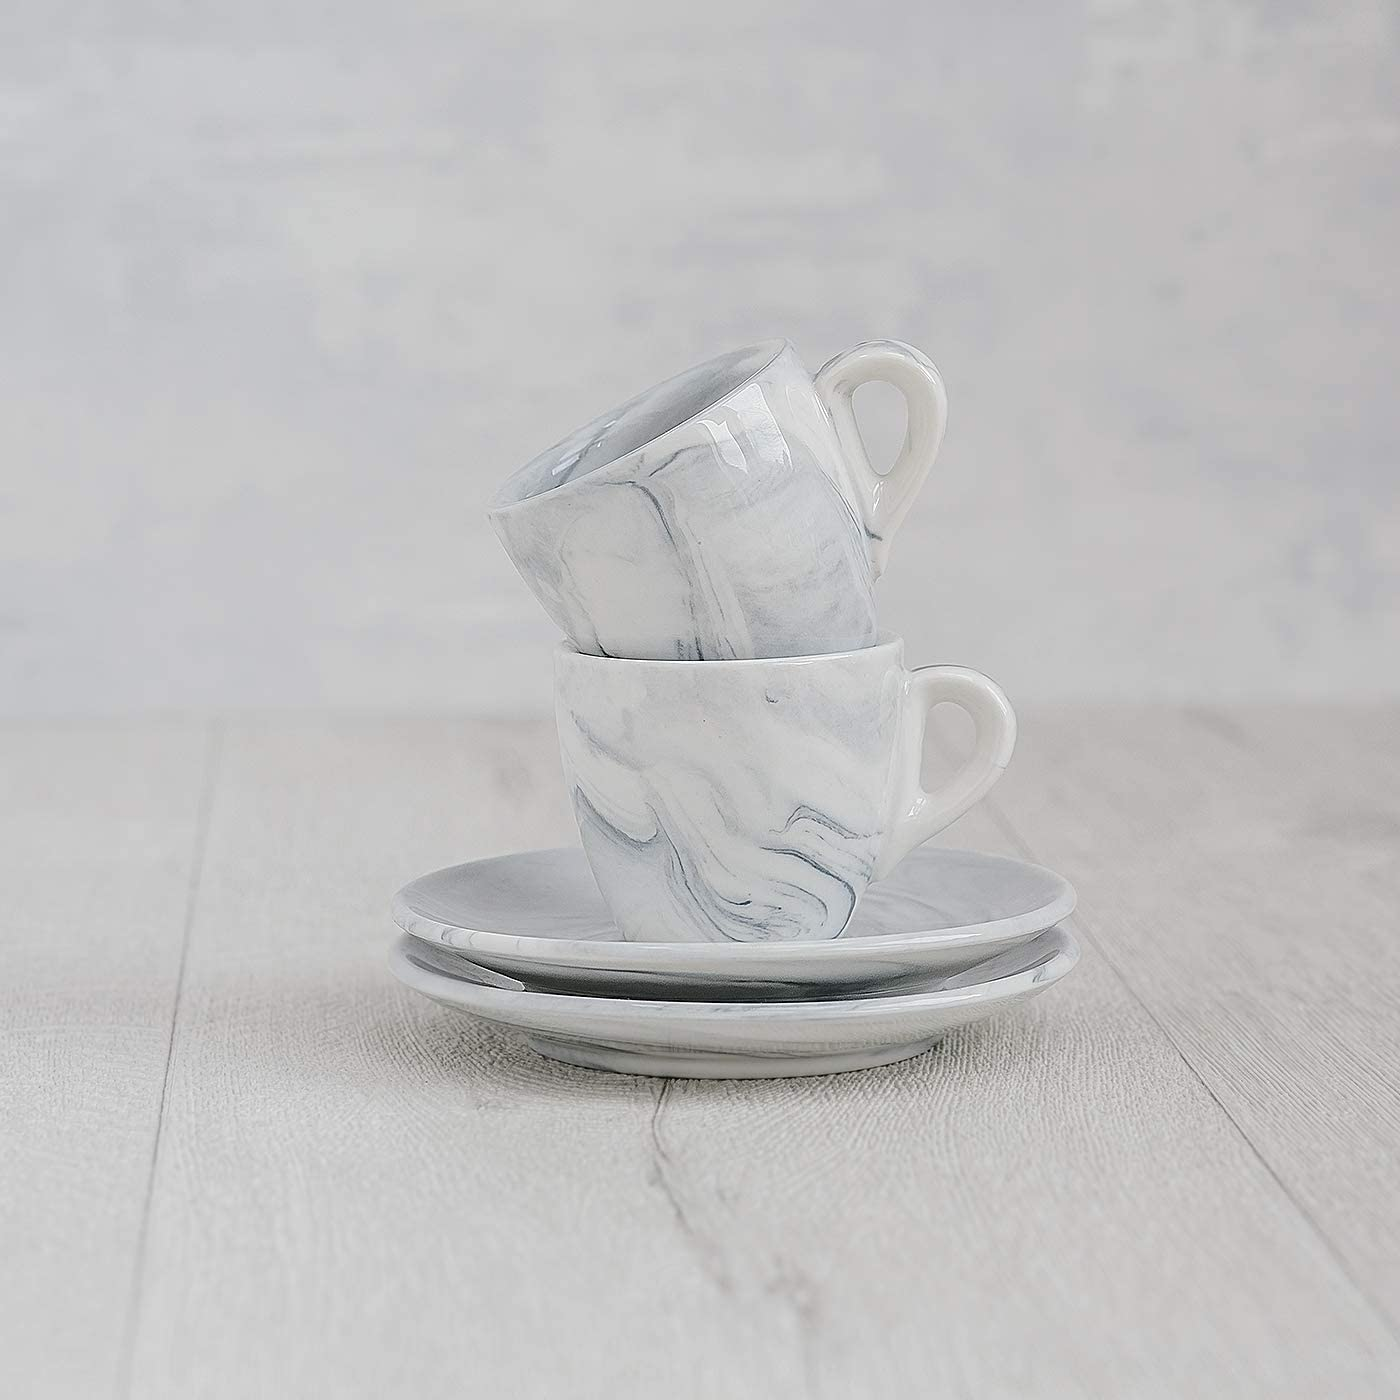 Tasse 80ml Espresso Tassen Set mit Untersetzer Porzellan Set 4-TLG Hausmann /& S/öhne Espresso Tassen dickwandig Geschenkidee 2er Set Pastell graue Marmor Tassen mit Untertassen